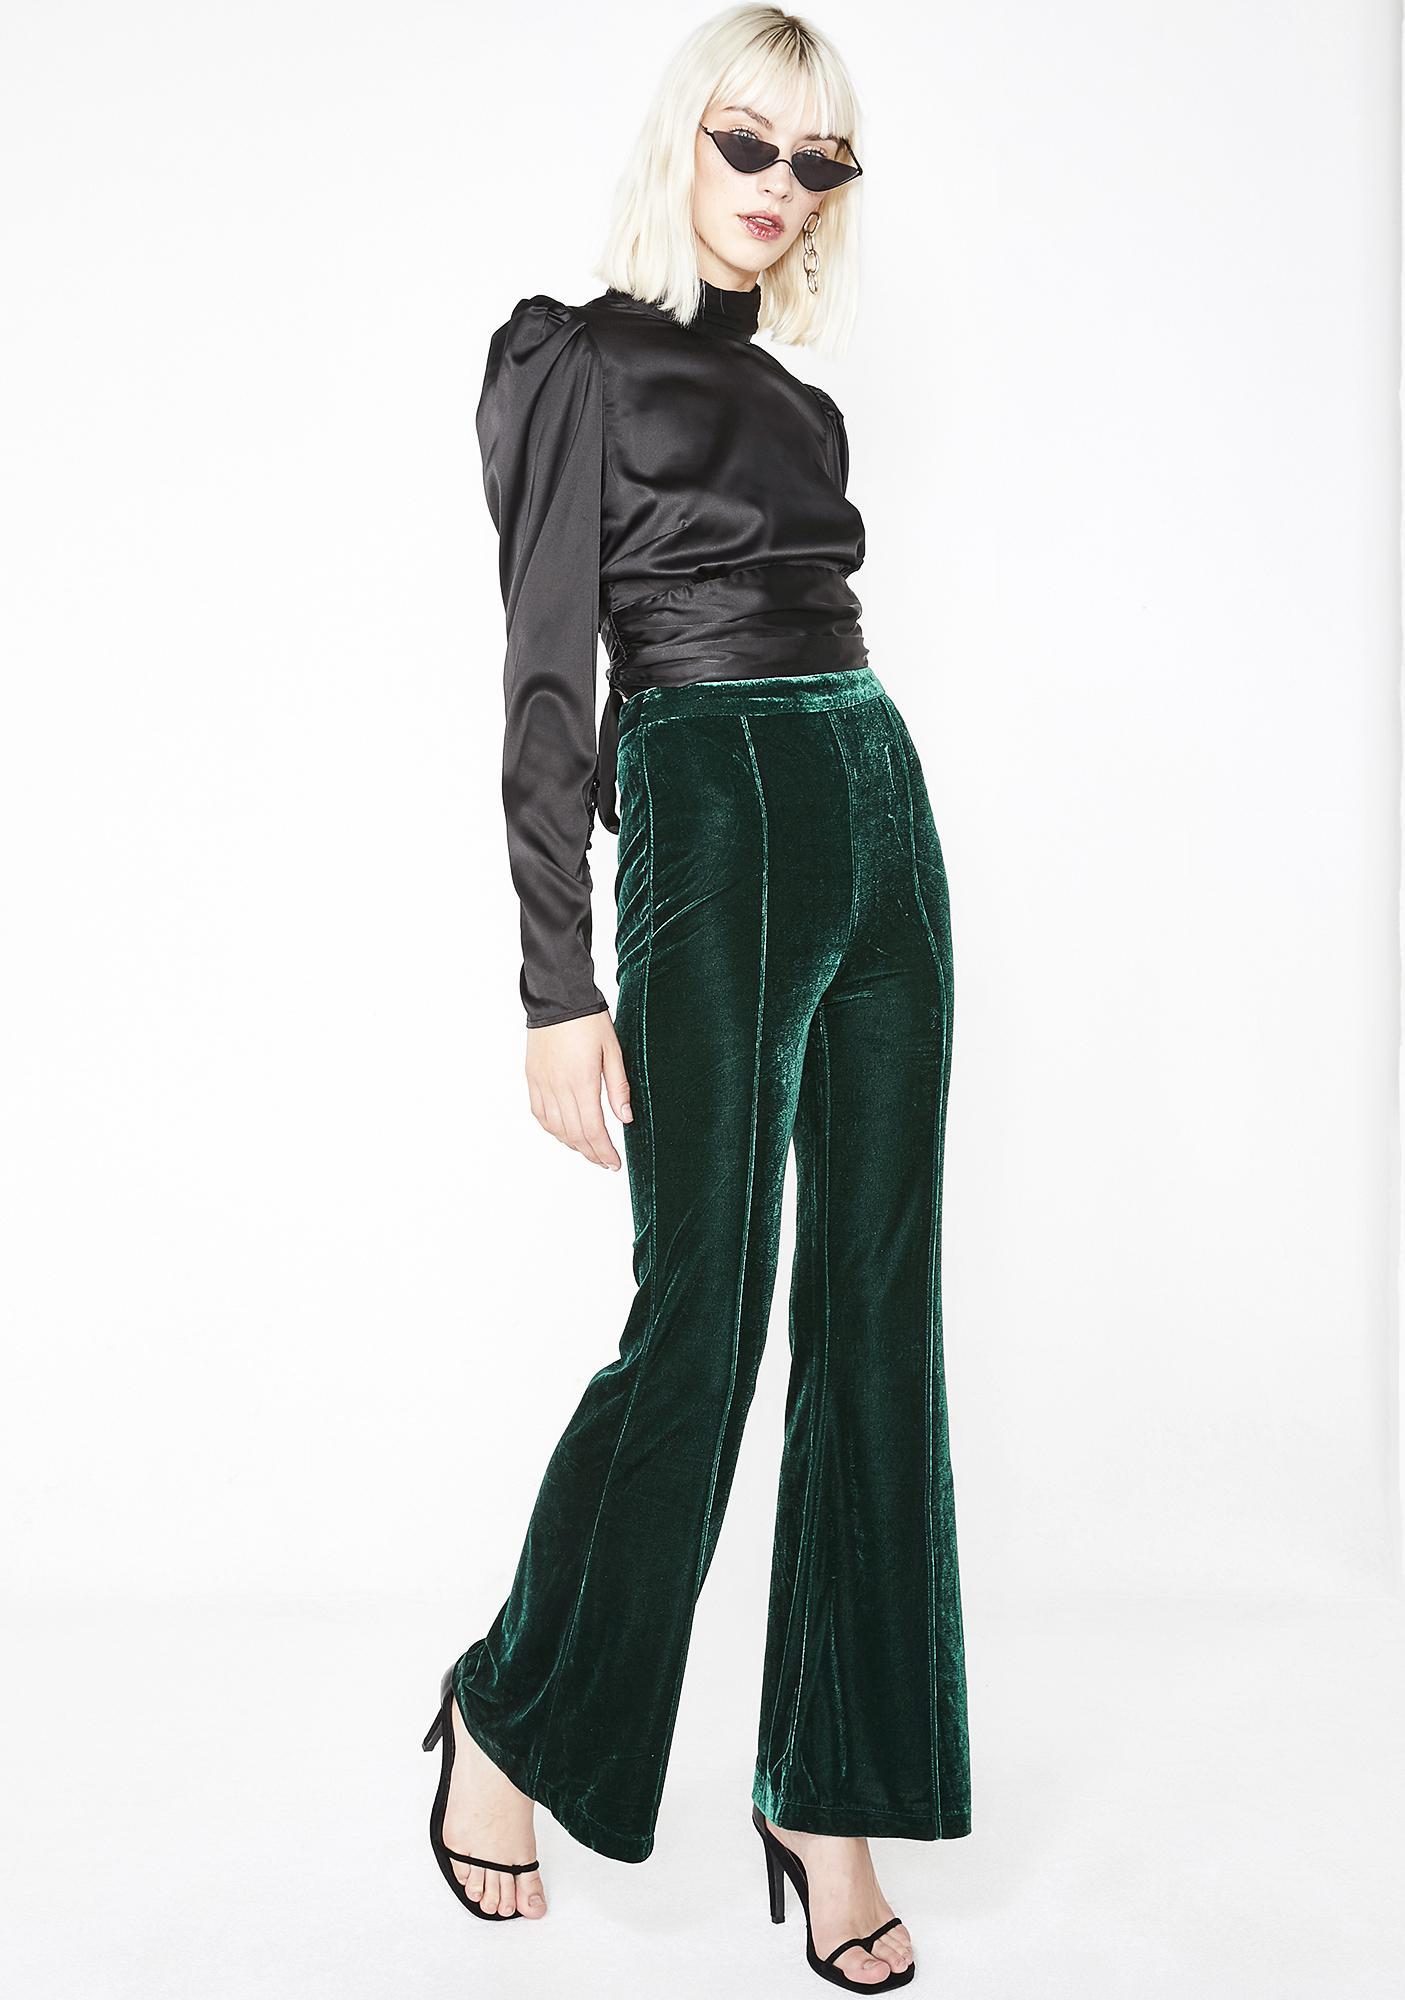 Luxxurious Lady Velvet Pants